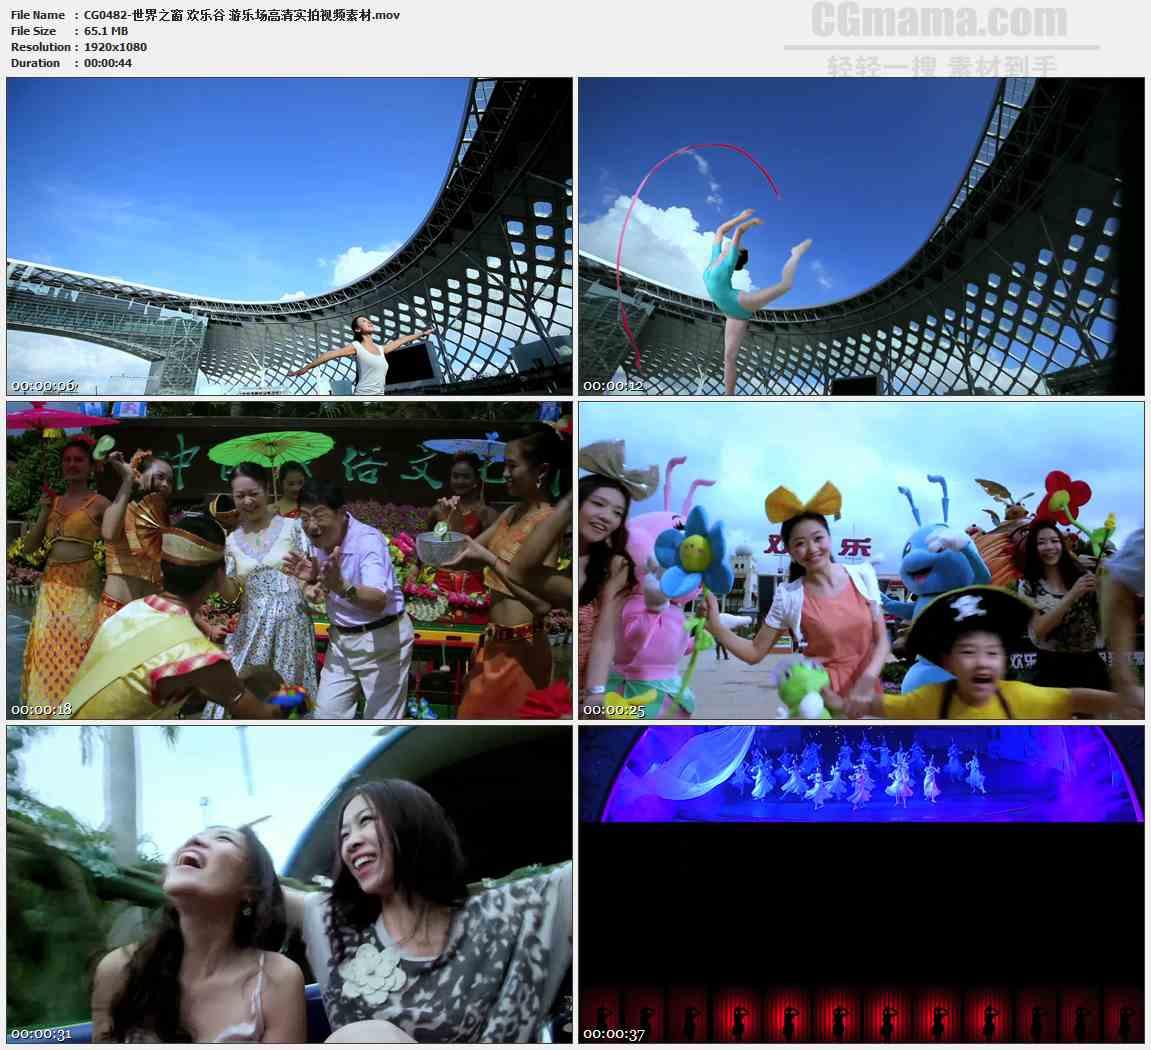 CG0482-世界之窗 欢乐谷 游乐场高清实拍视频素材